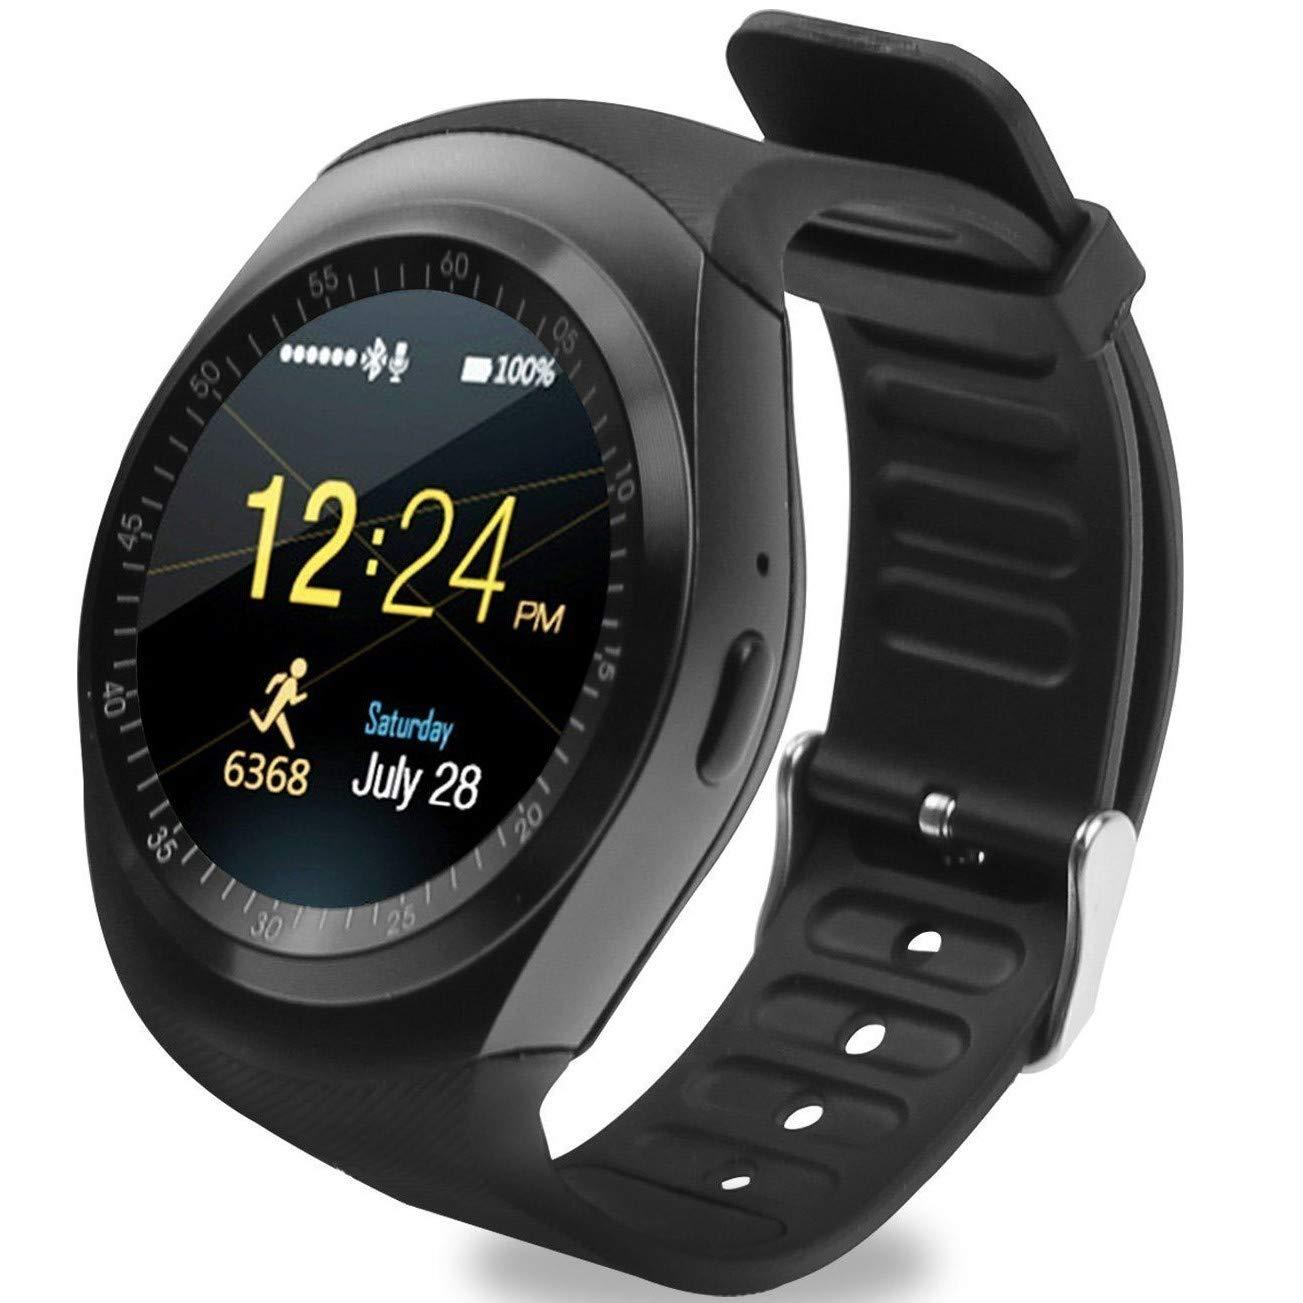 1bdf371517b Relógio Smartwatch Y1 Original Celular Inteligente Touch Bluetooth Chip  Ligações Pedômetro Câmera (BRANCO)  Amazon.com.br  Eletrônicos